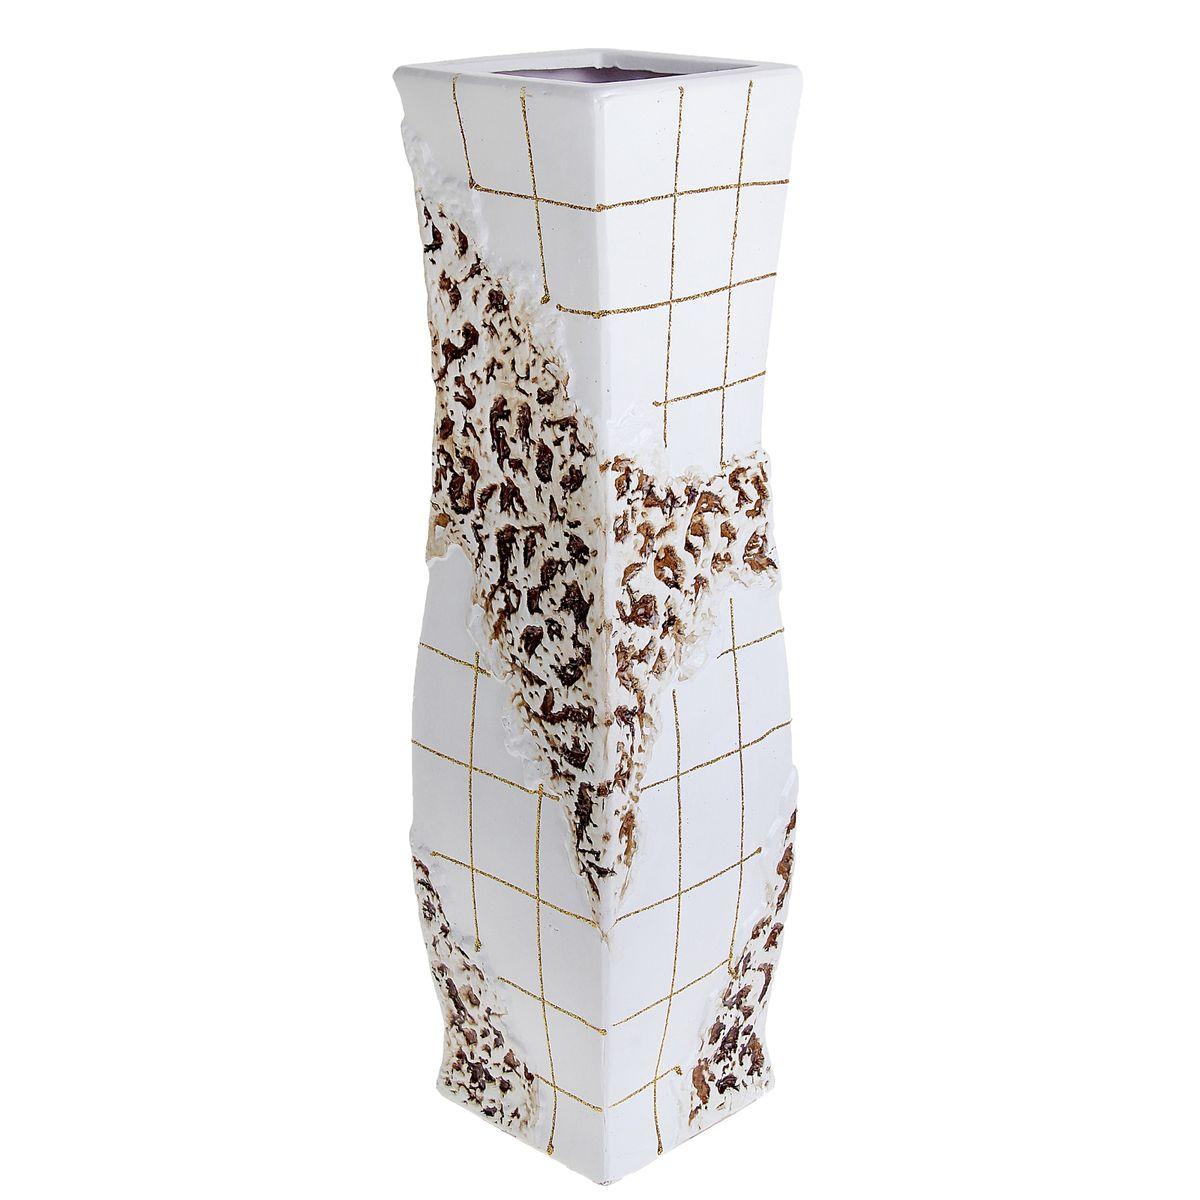 Ваза напольная Цветочная плитка, цвет: белый, высота 60 см. 9135496271DWAEВаза напольная Цветочная плитка, выполненная из керамики, украсит интерьер вашего дома или офиса. Оригинальный дизайн и красочное исполнение создадут праздничное настроение. Вы можете поставить вазу в любом месте, где она будет удачно смотреться, и радовать глаз. Такая ваза подойдет и для цветов, и для декора интерьера. Кроме того - это отличный вариант подарка для ваших близких и друзей.